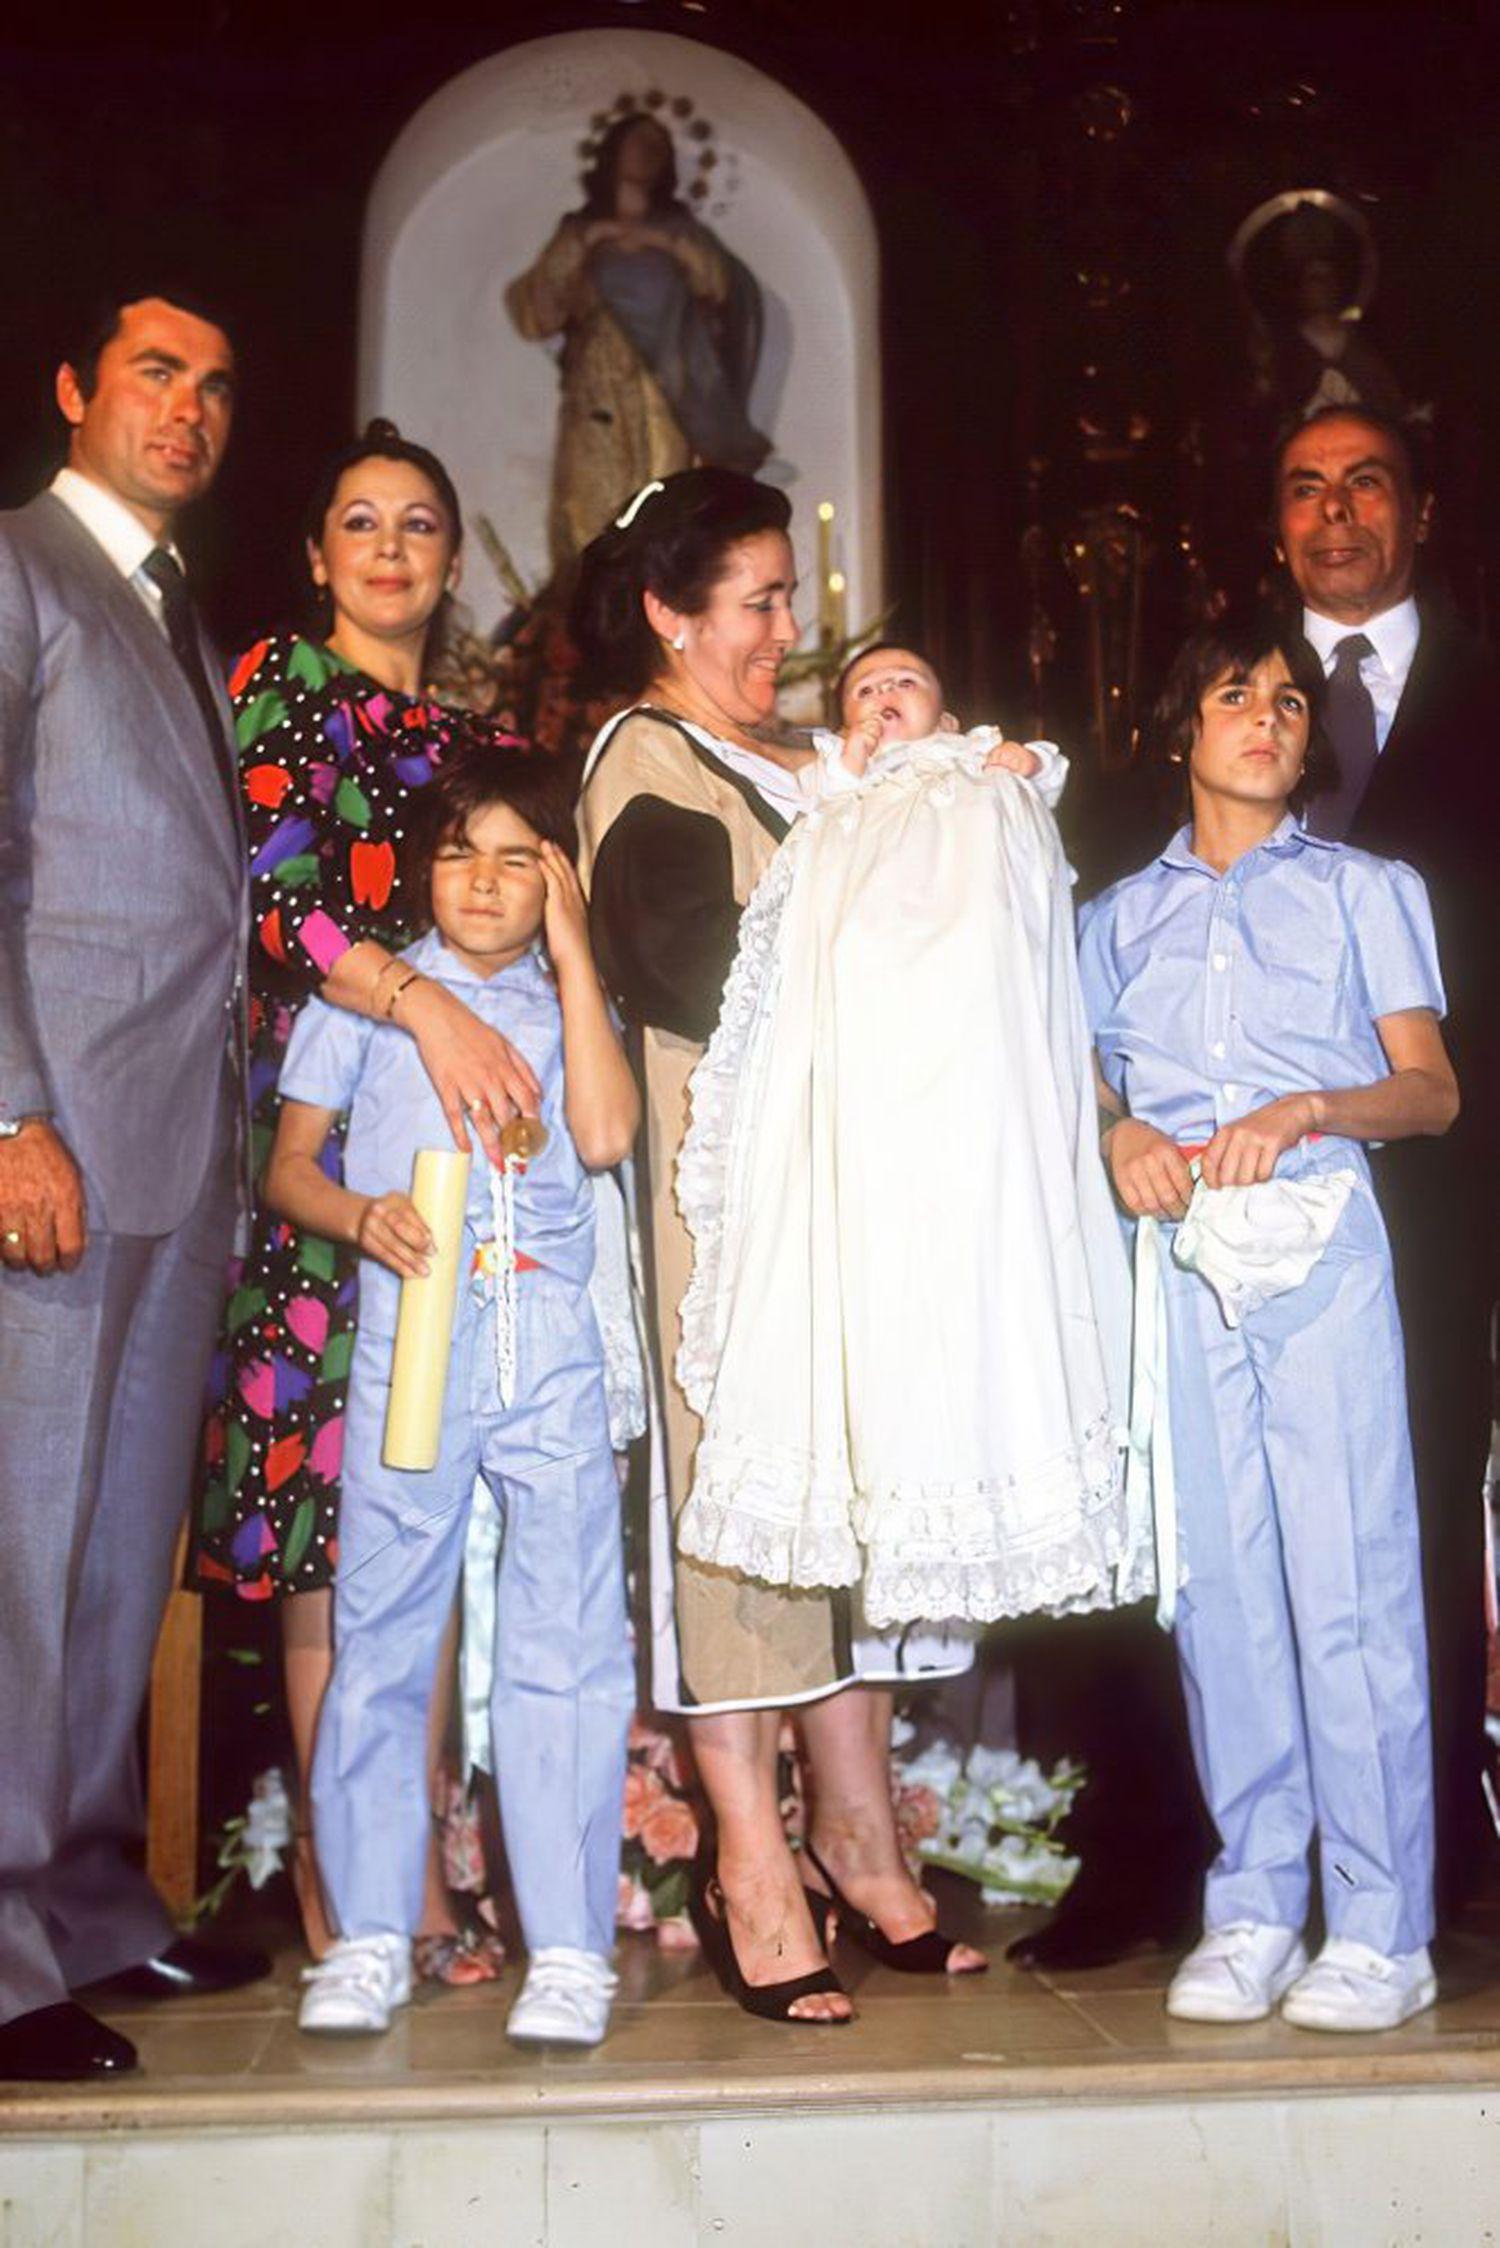 El 9 de febrero de 1984 nació Francisco José Rivera Pantoja, Kiko Rivera, Paquirrín para todo el mundo. En la imagen, Francisco Rivera Paquirri e Isabel Pantoja, junto a los dos hijos de su marido, Cayetano y Fran, y sus padres, Ana, con el recién nacido en brazos, y Juan.